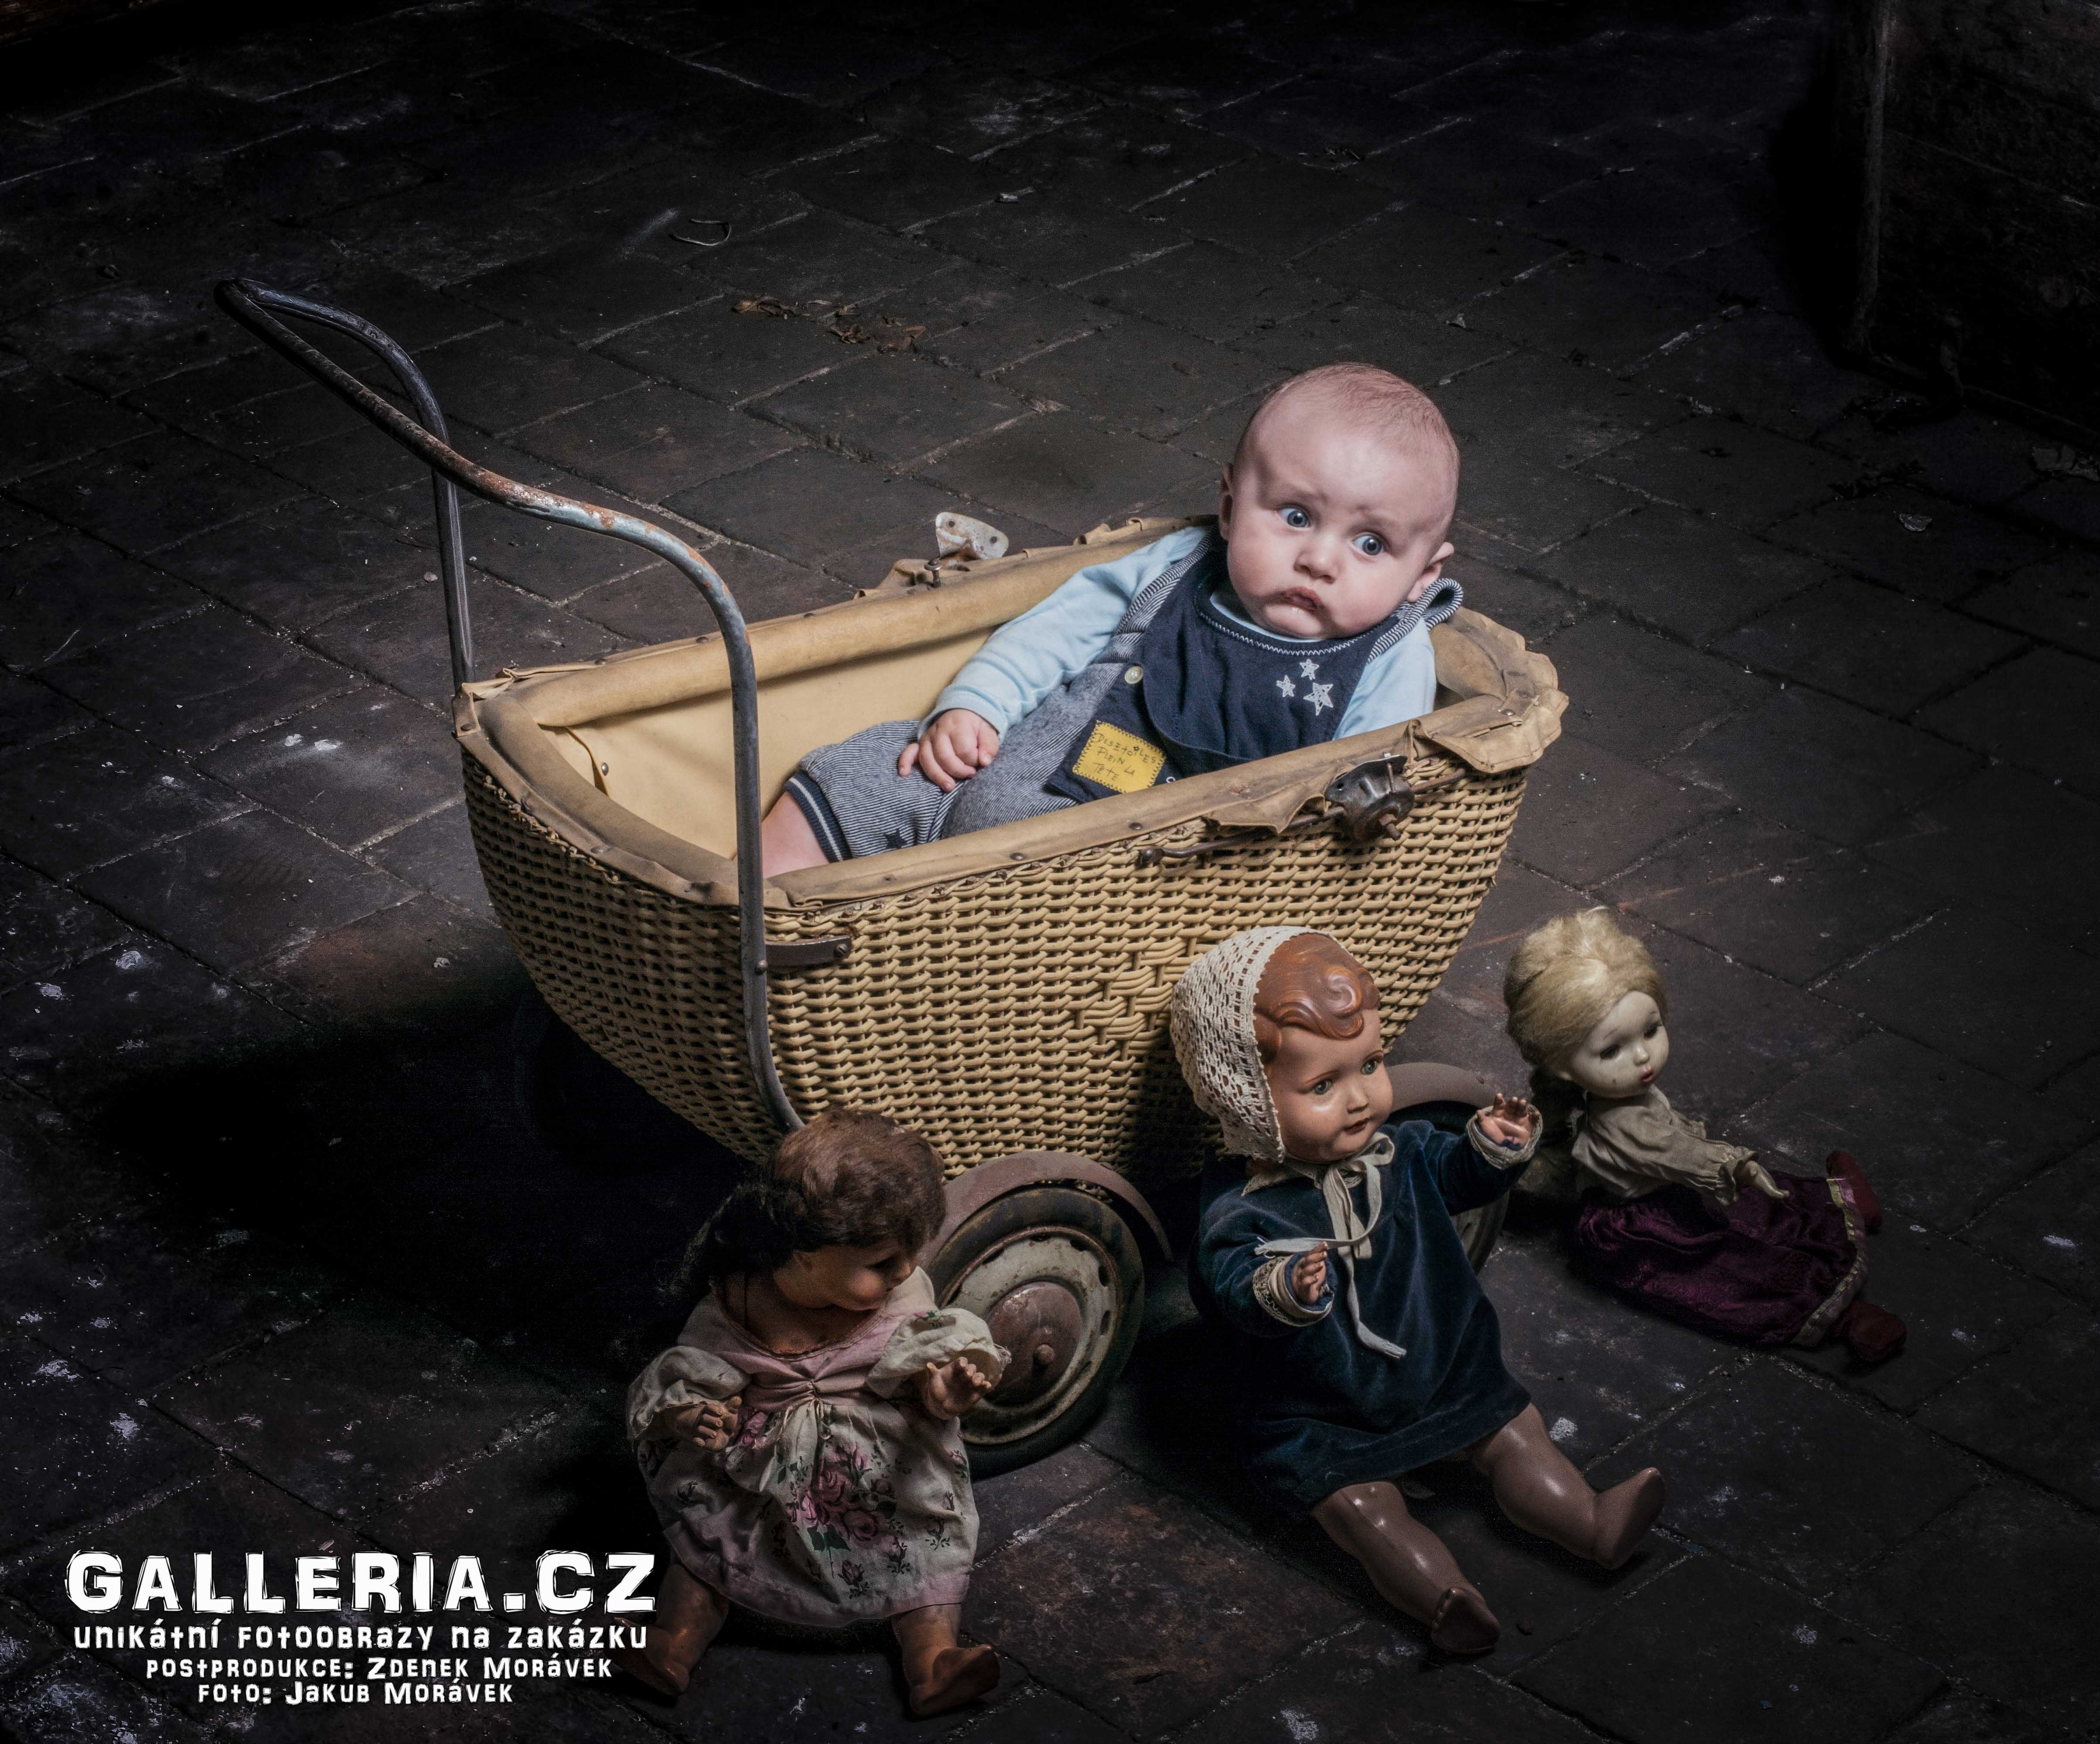 fotograf praha Jakub Morávek fotograf Líbeznice ateliér Líbeznice-11